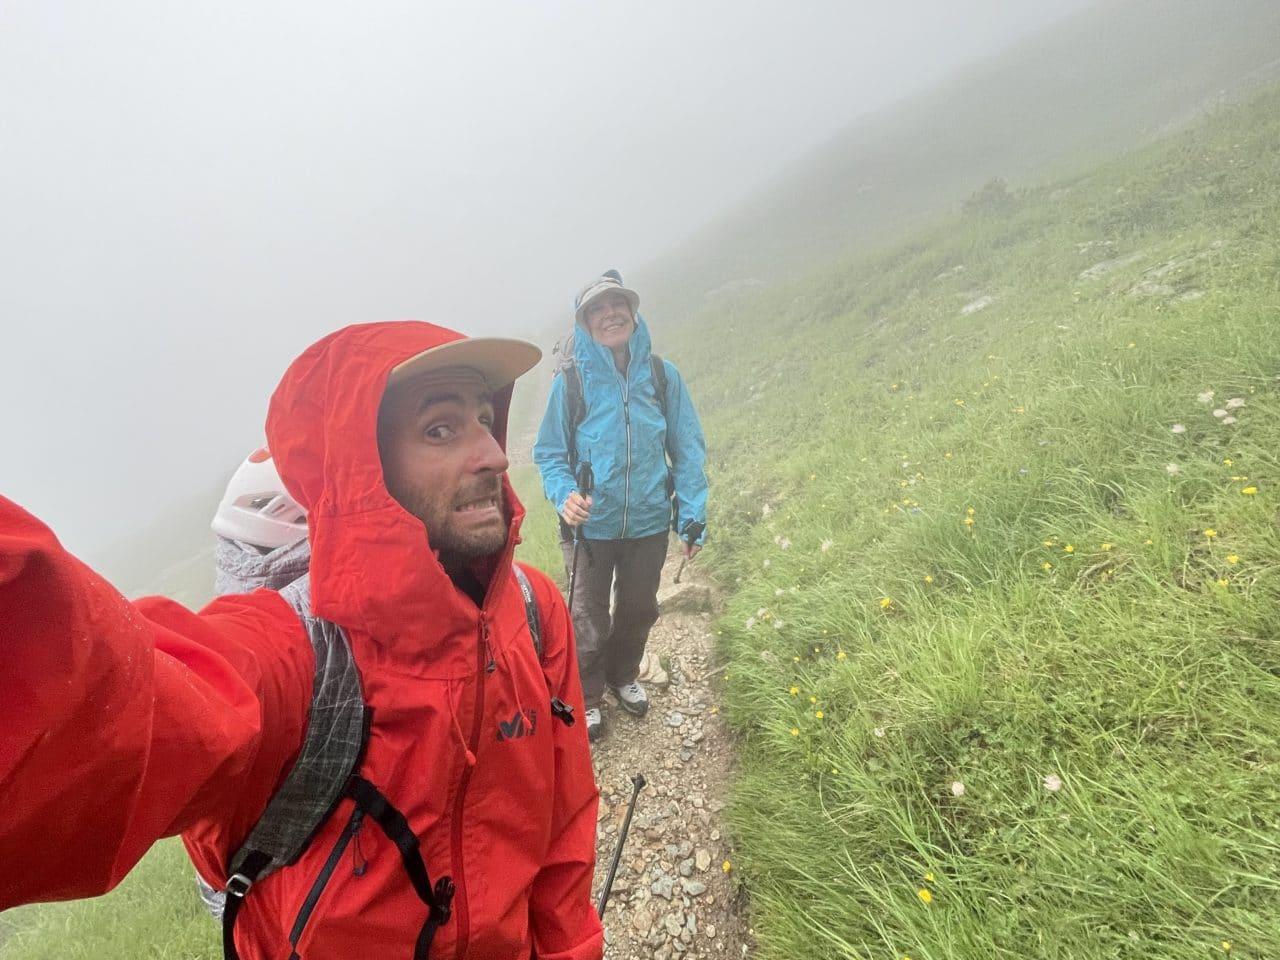 Tsalion, Aiguille de la Tsa et Zinalrothorn avec Yann Nussbaumer guide de montagne chez Helyum